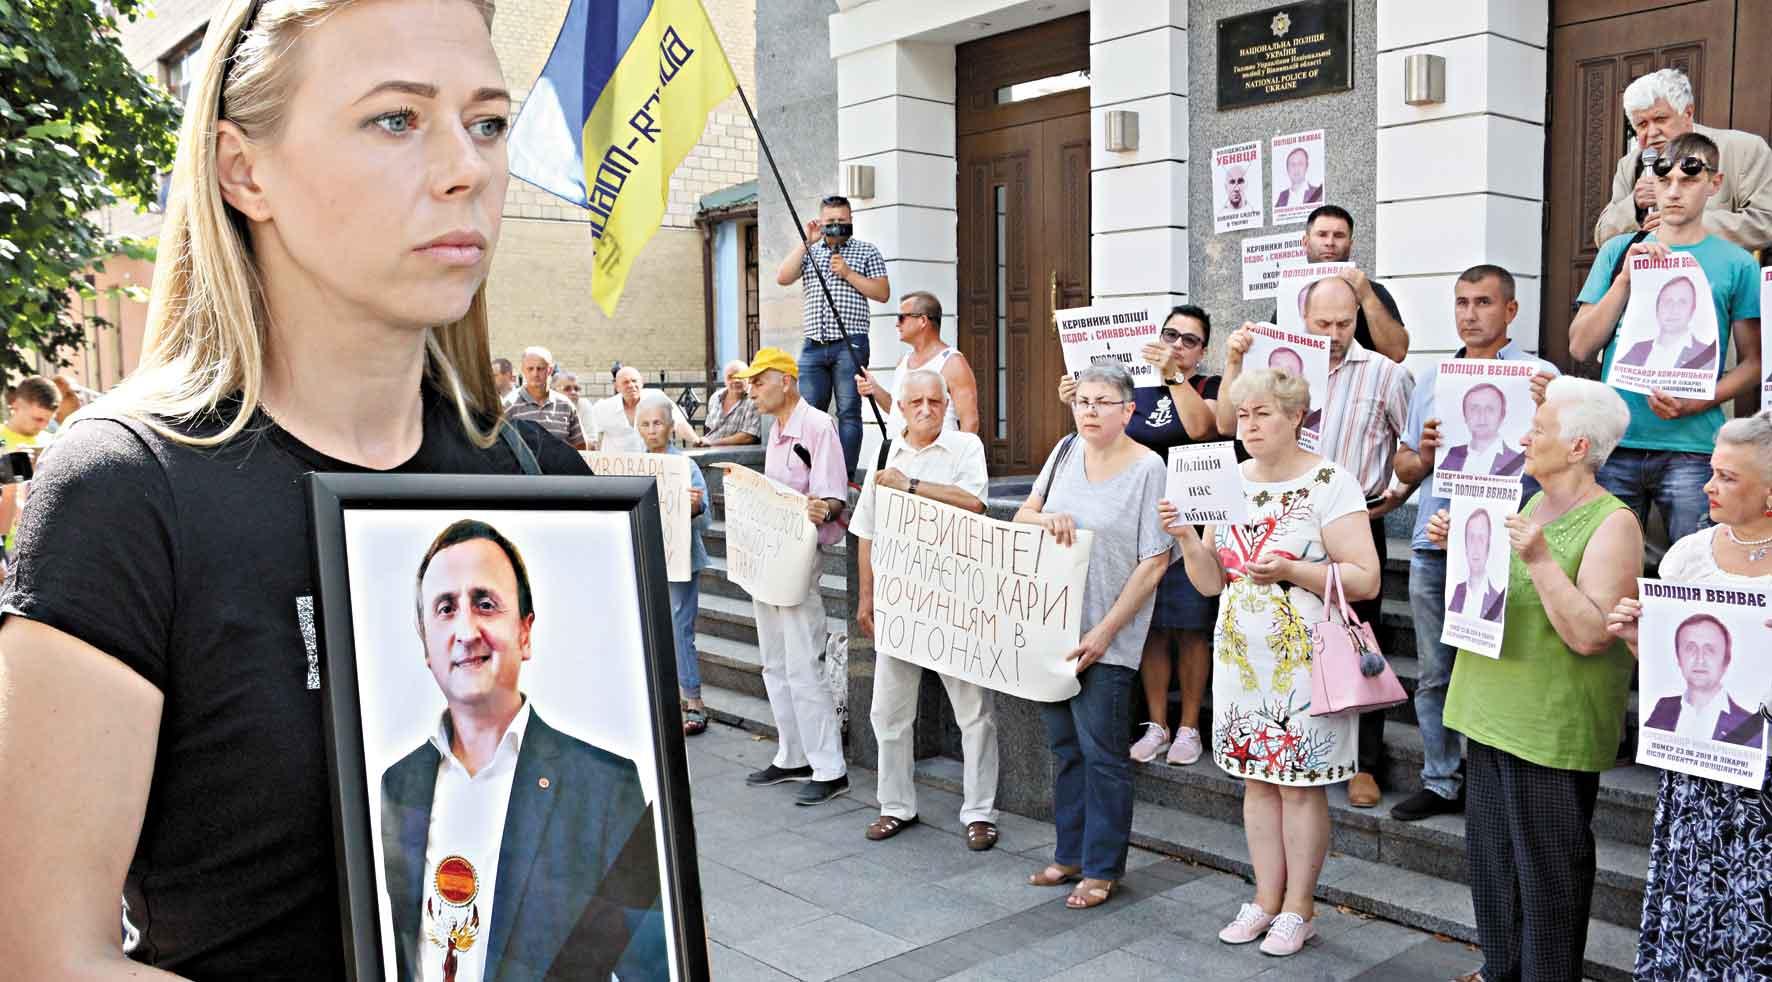 «Нова поліція вбиває!» – скандували учасники пікету, обурені смертю Олександра Комарніцького, якого побив коп-самбіст